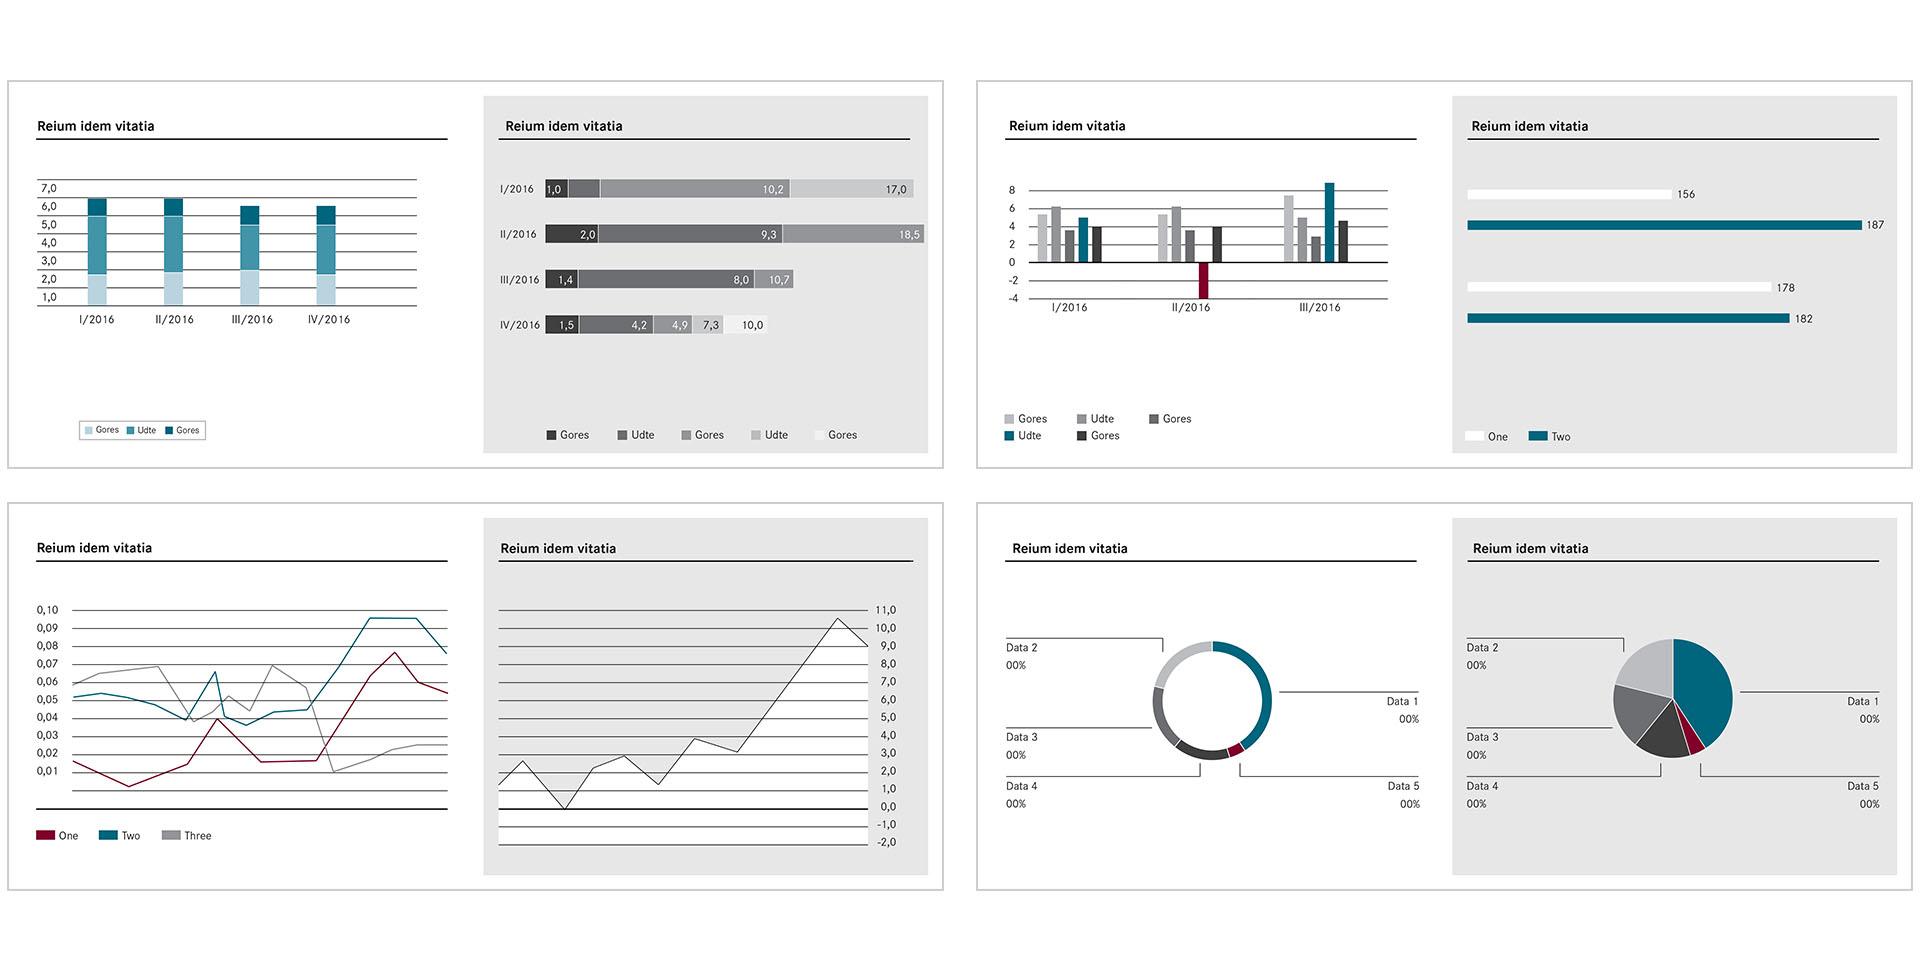 Visualisierung betriebswirtschaftlicher Zahlen bei Daimler